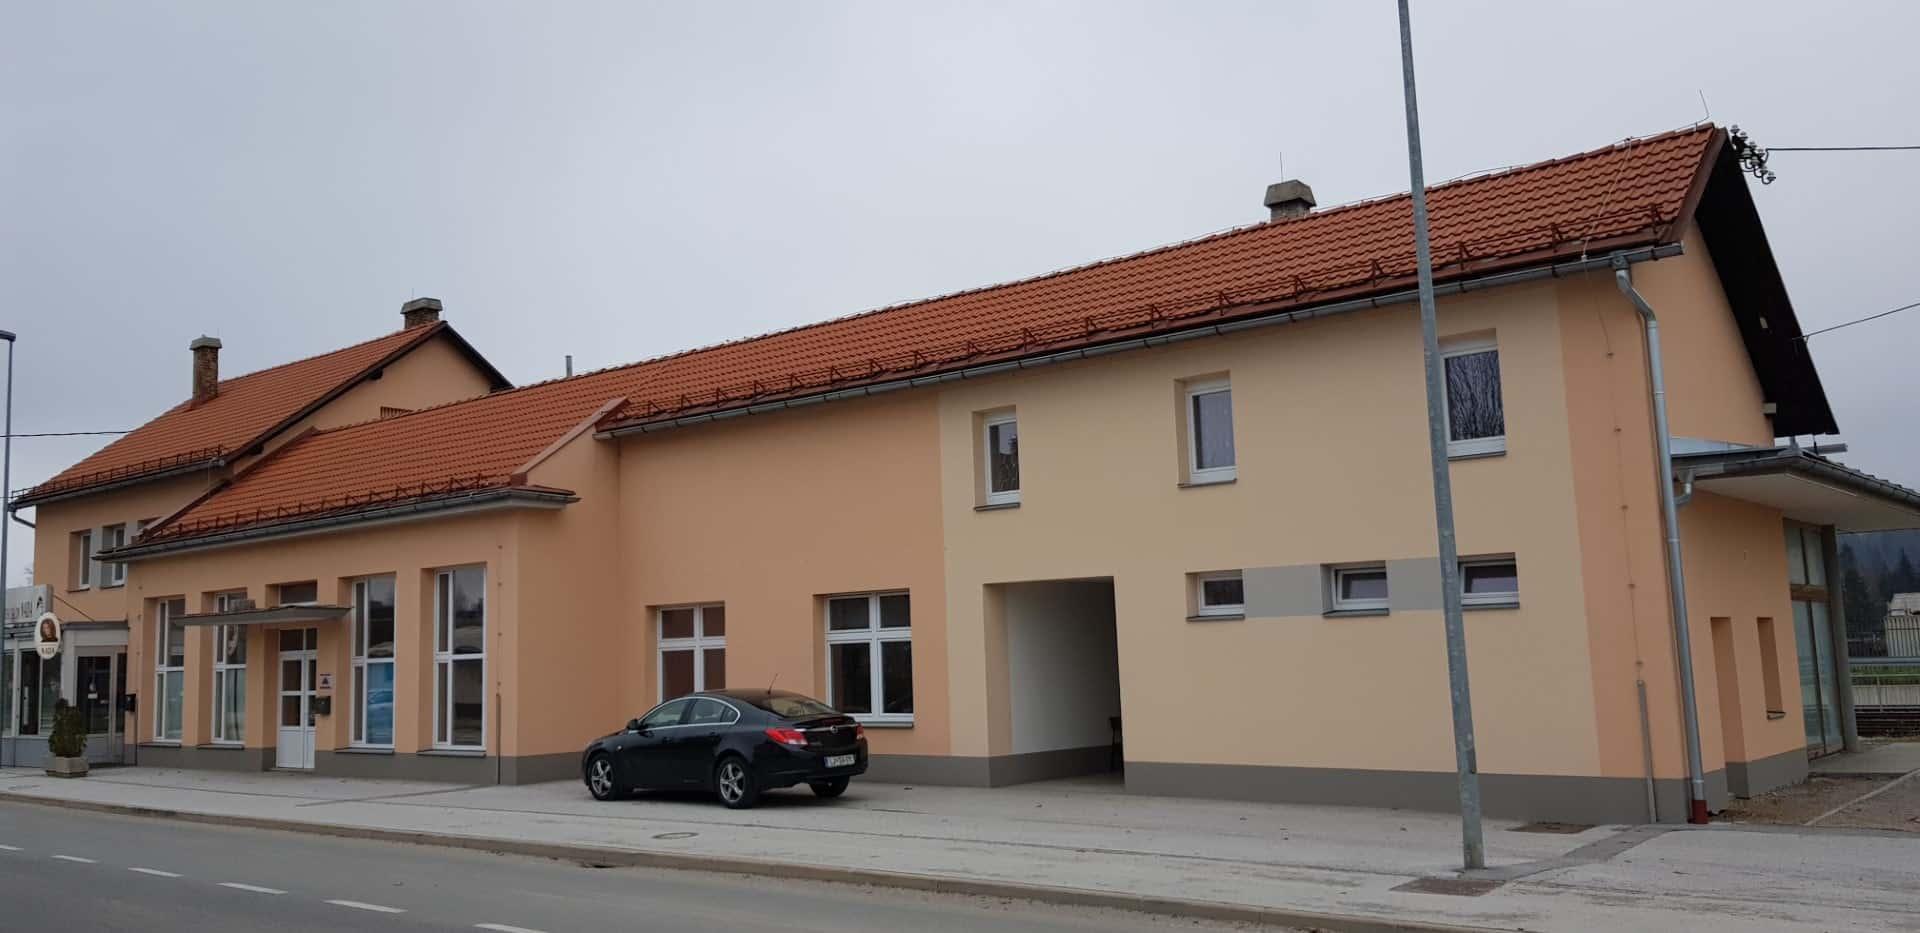 Permal doo reference Zelezniska postaja dobropolje ribnica kocevje -1 2019 iMode d.o.o. (Large)